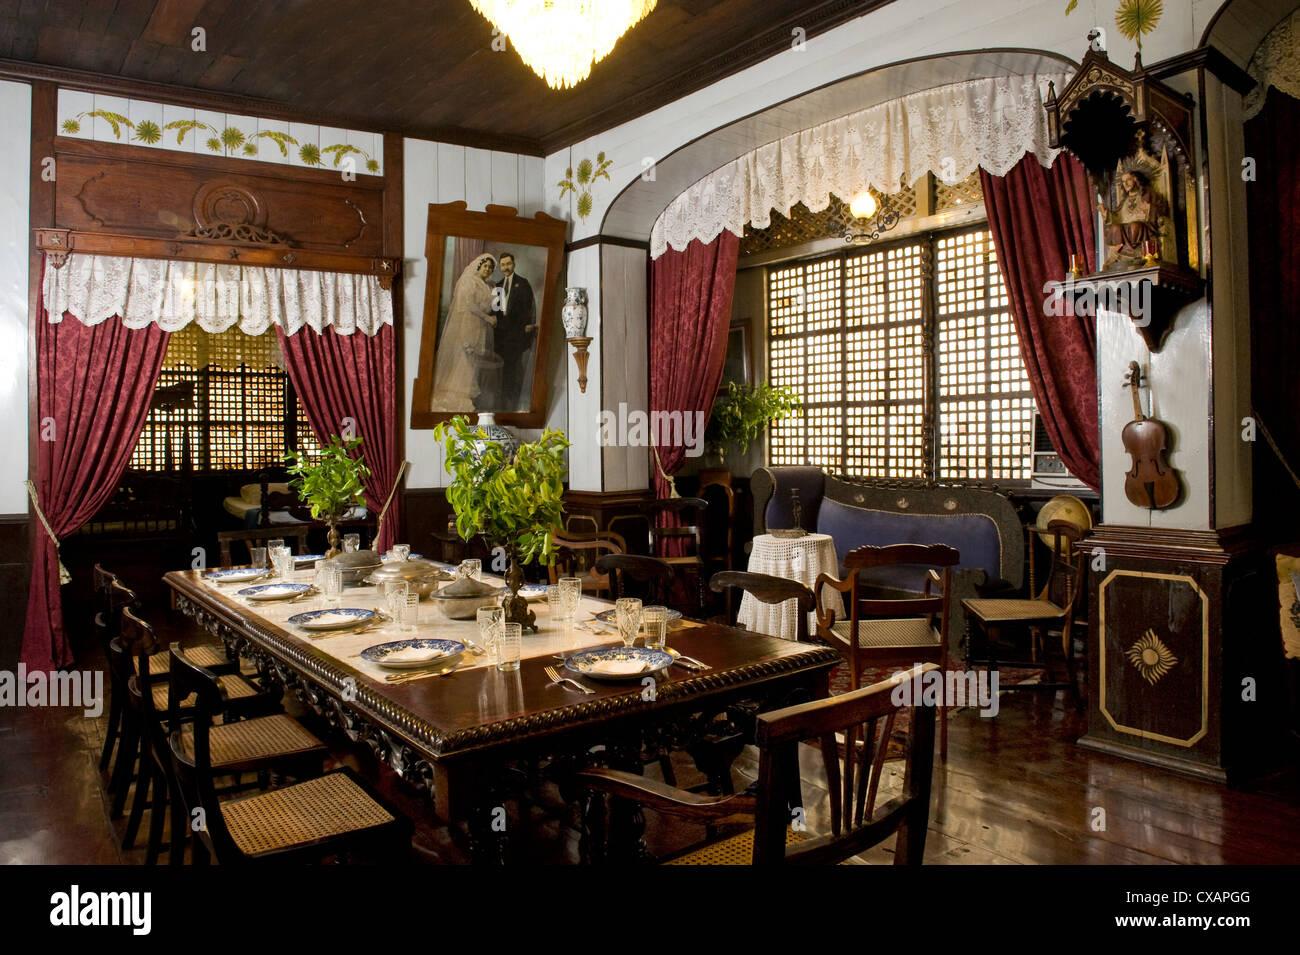 Villa Tortuga, ein Gästehaus in einem restaurierten 19. Jahrhundert Erbe Haus, Taal, Batangas, Philippinen, Stockbild